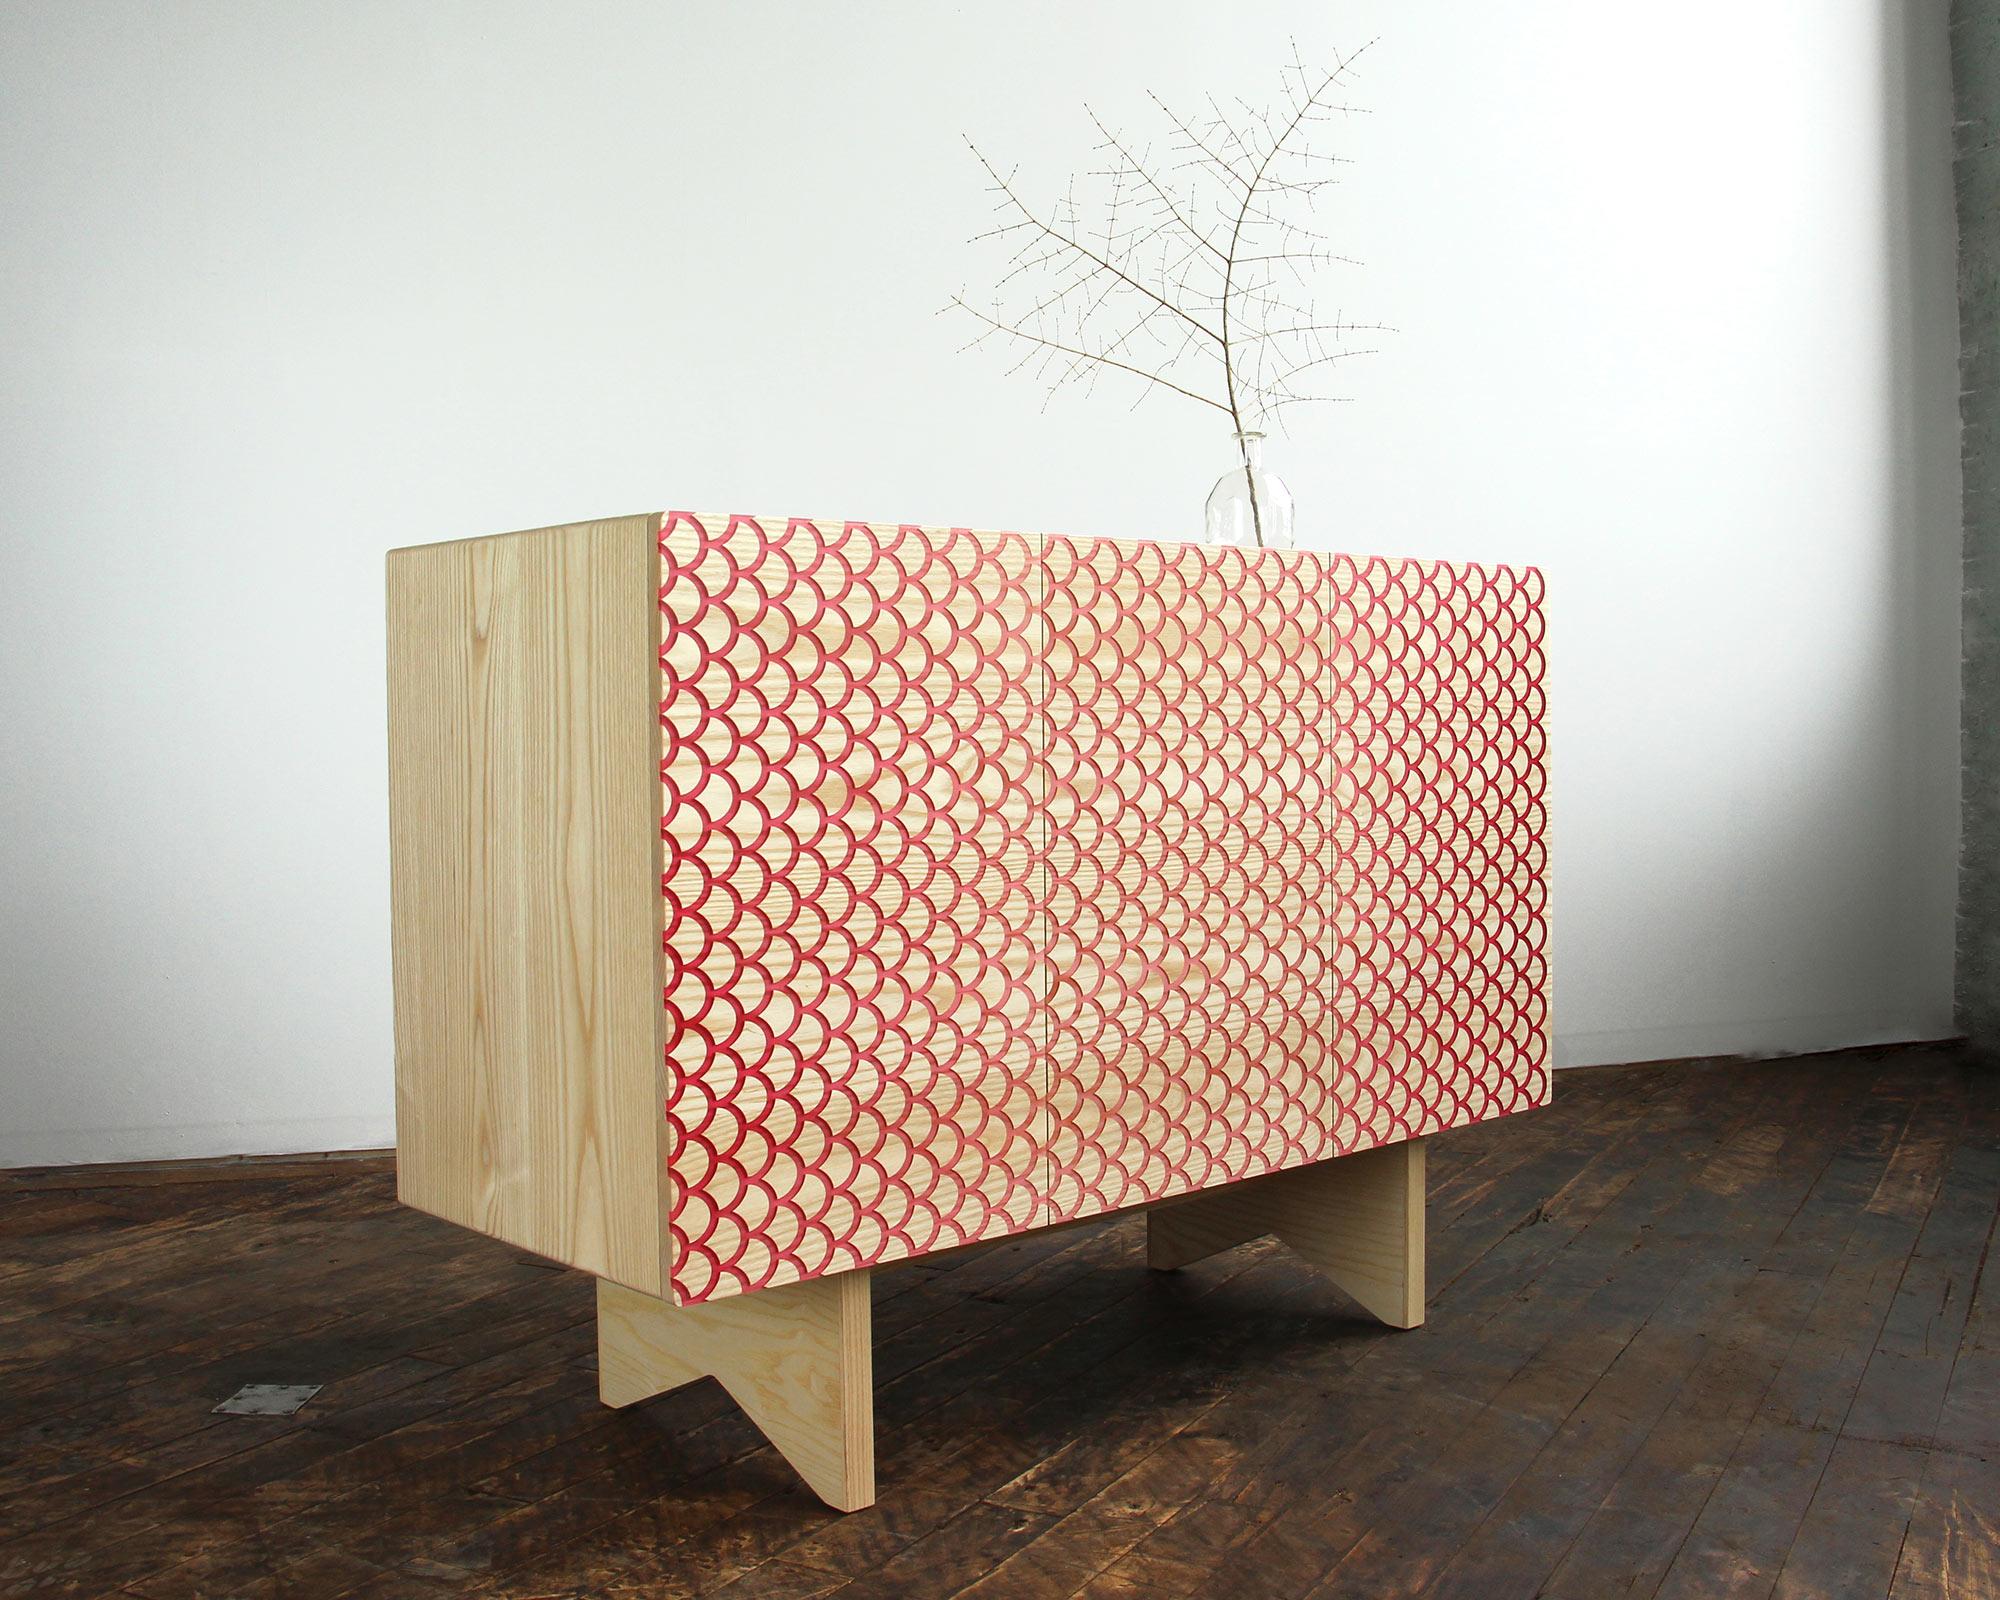 Koi_Credenza_Handmade_Furniture_Noble_Goods.jpg